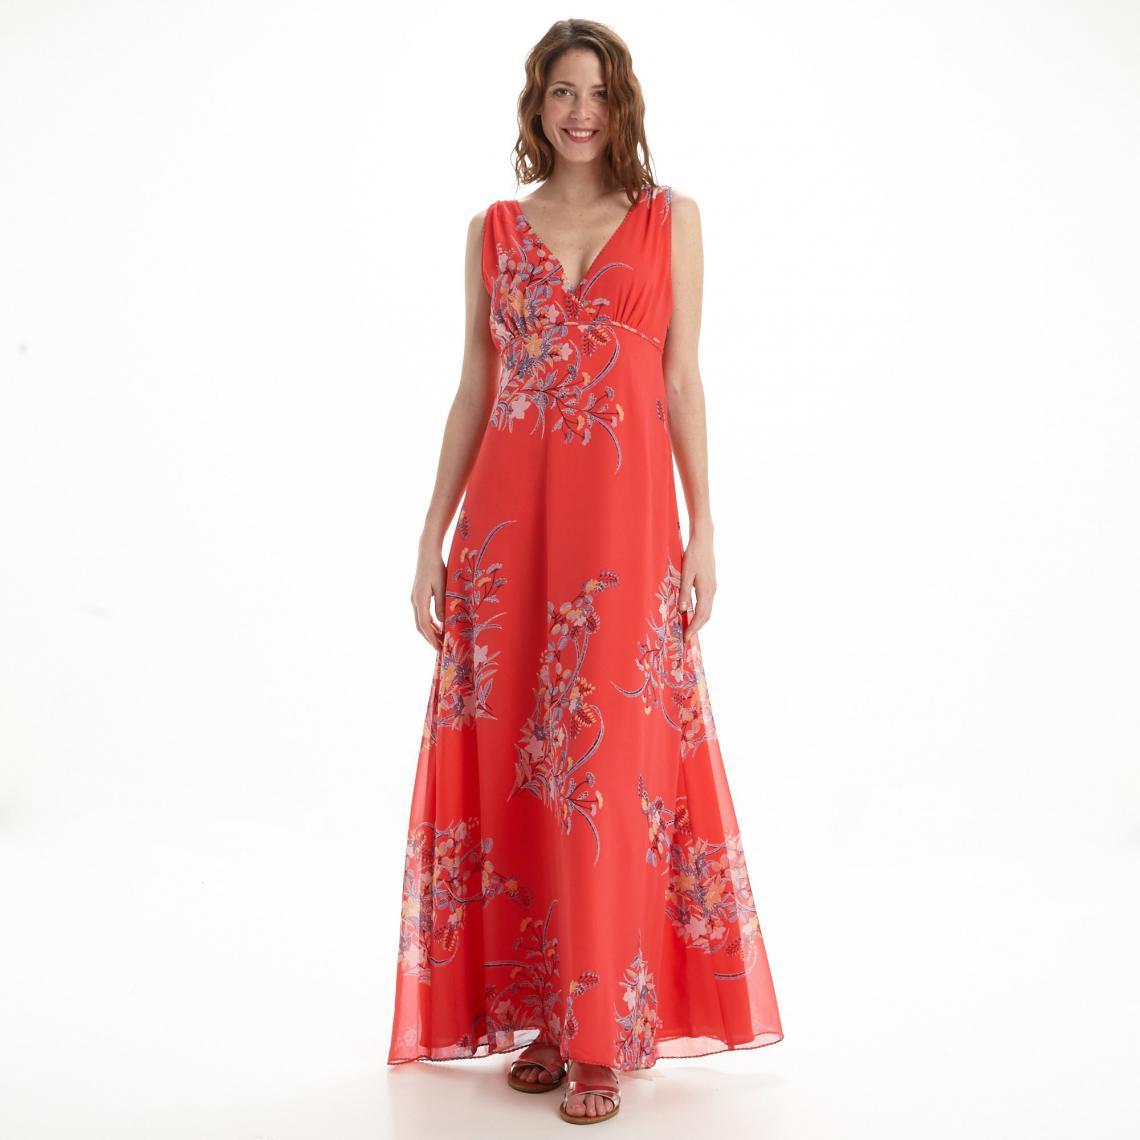 Robe Longue Imprime Fleurs Femme Pepe Jeans Rouge 3suisses